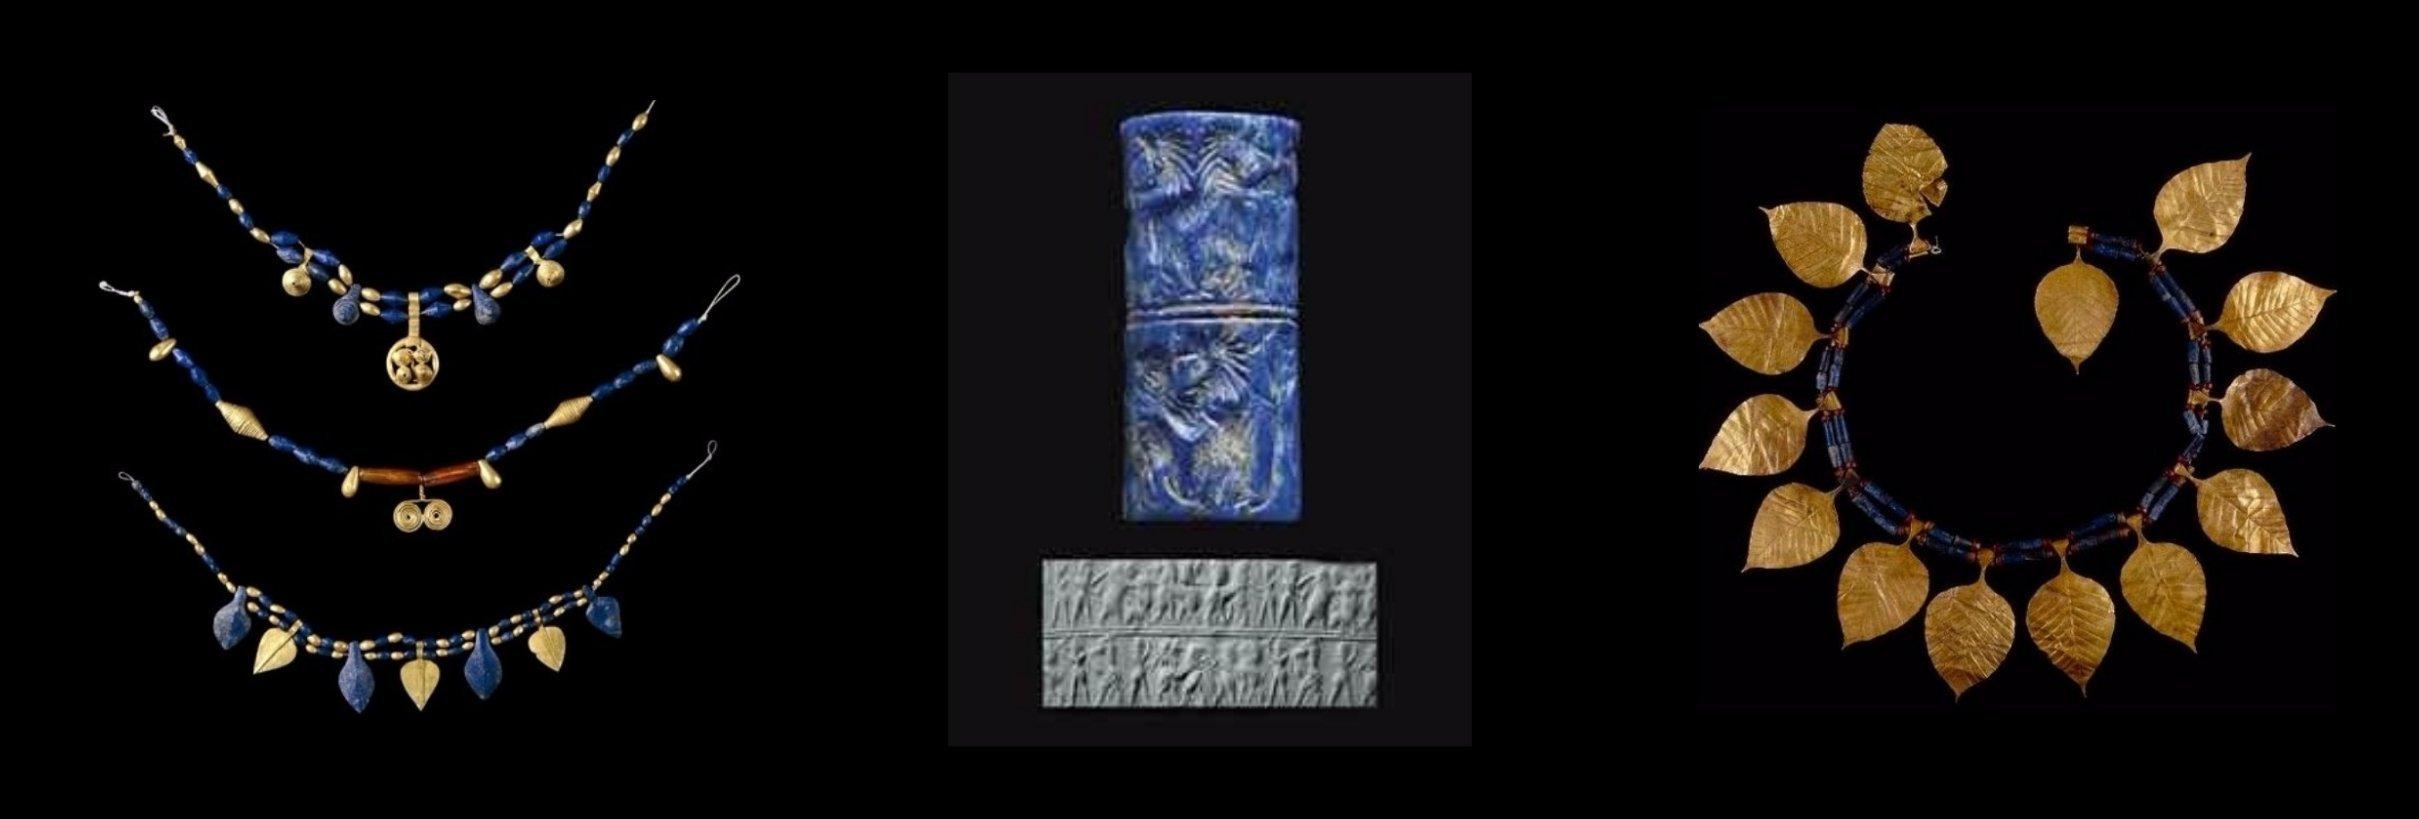 Lapis Lazuli - Sumer